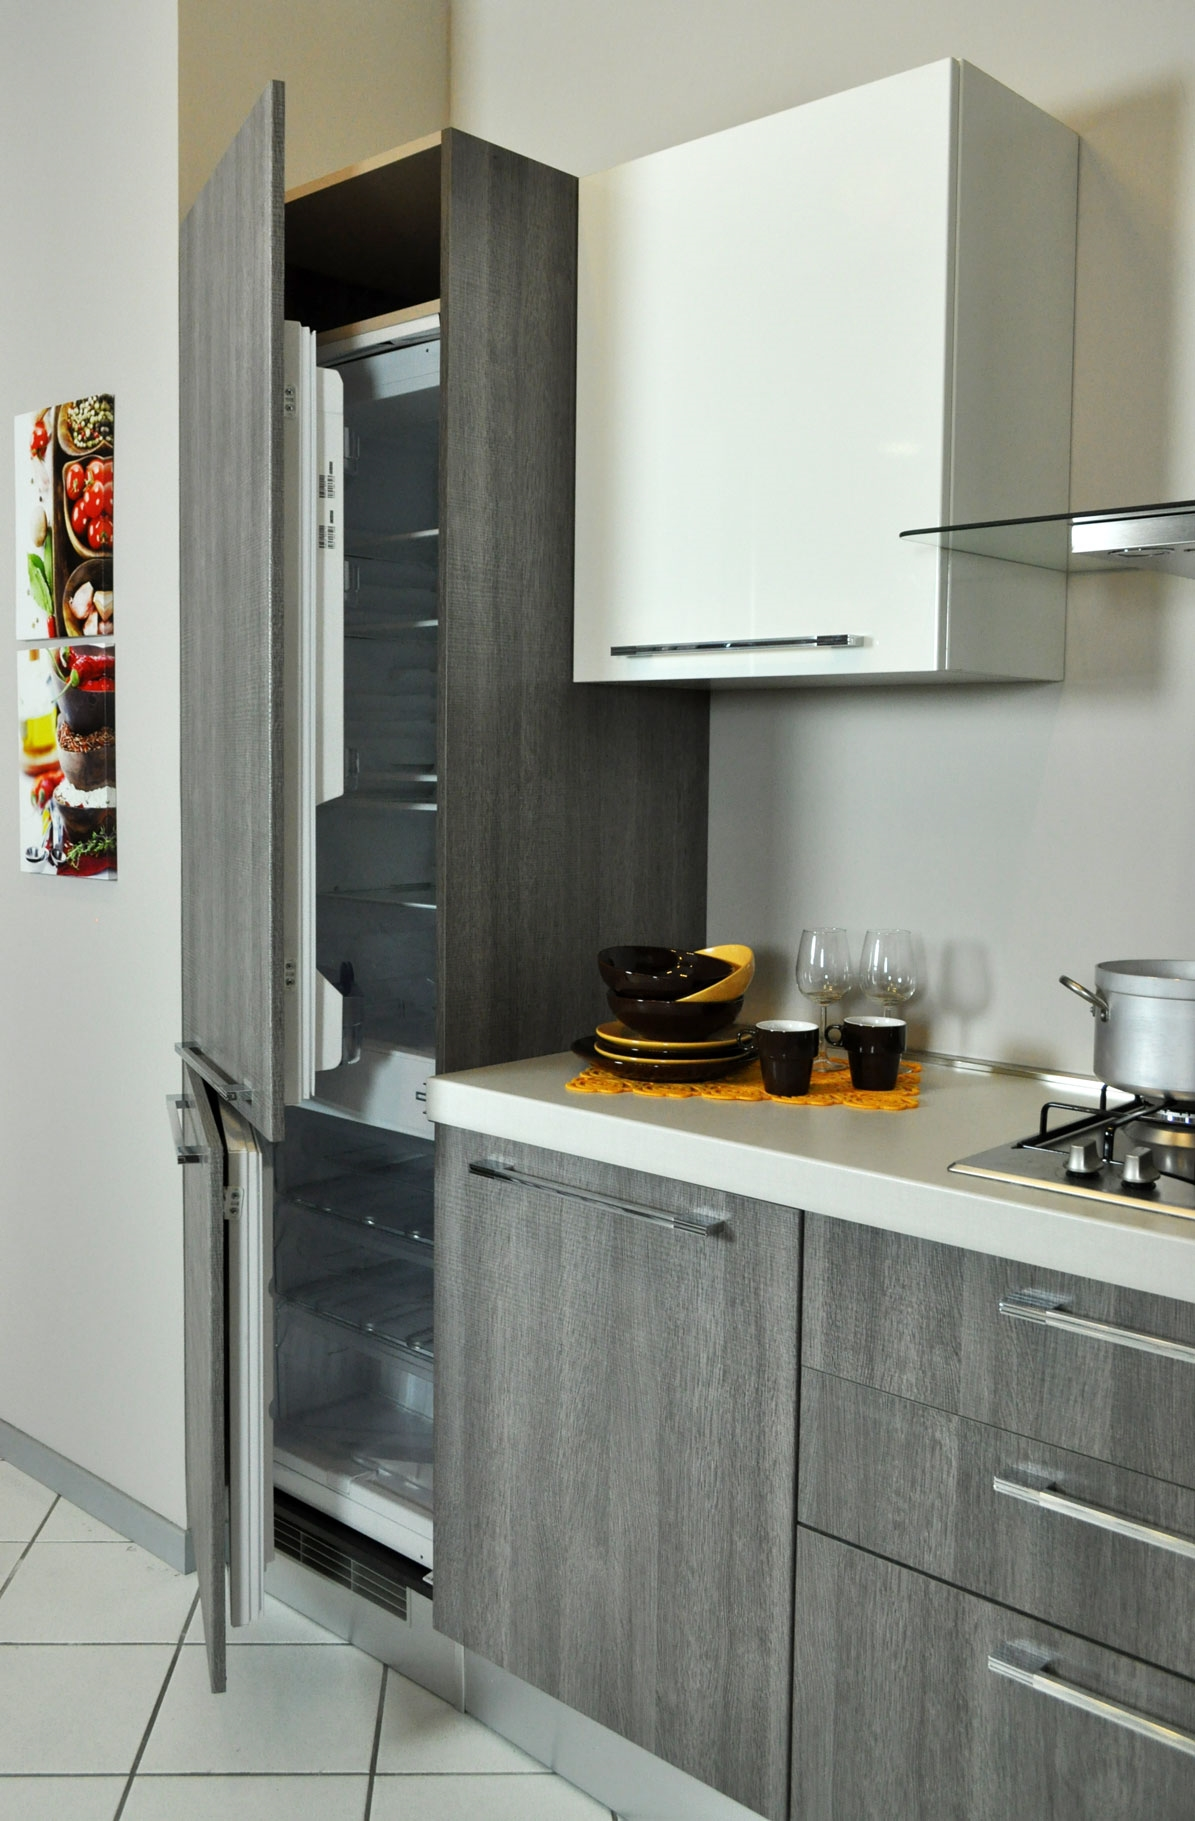 Cucina lube noemi angolare completa di elettrodomestici in - Elettrodomestici cucina ...